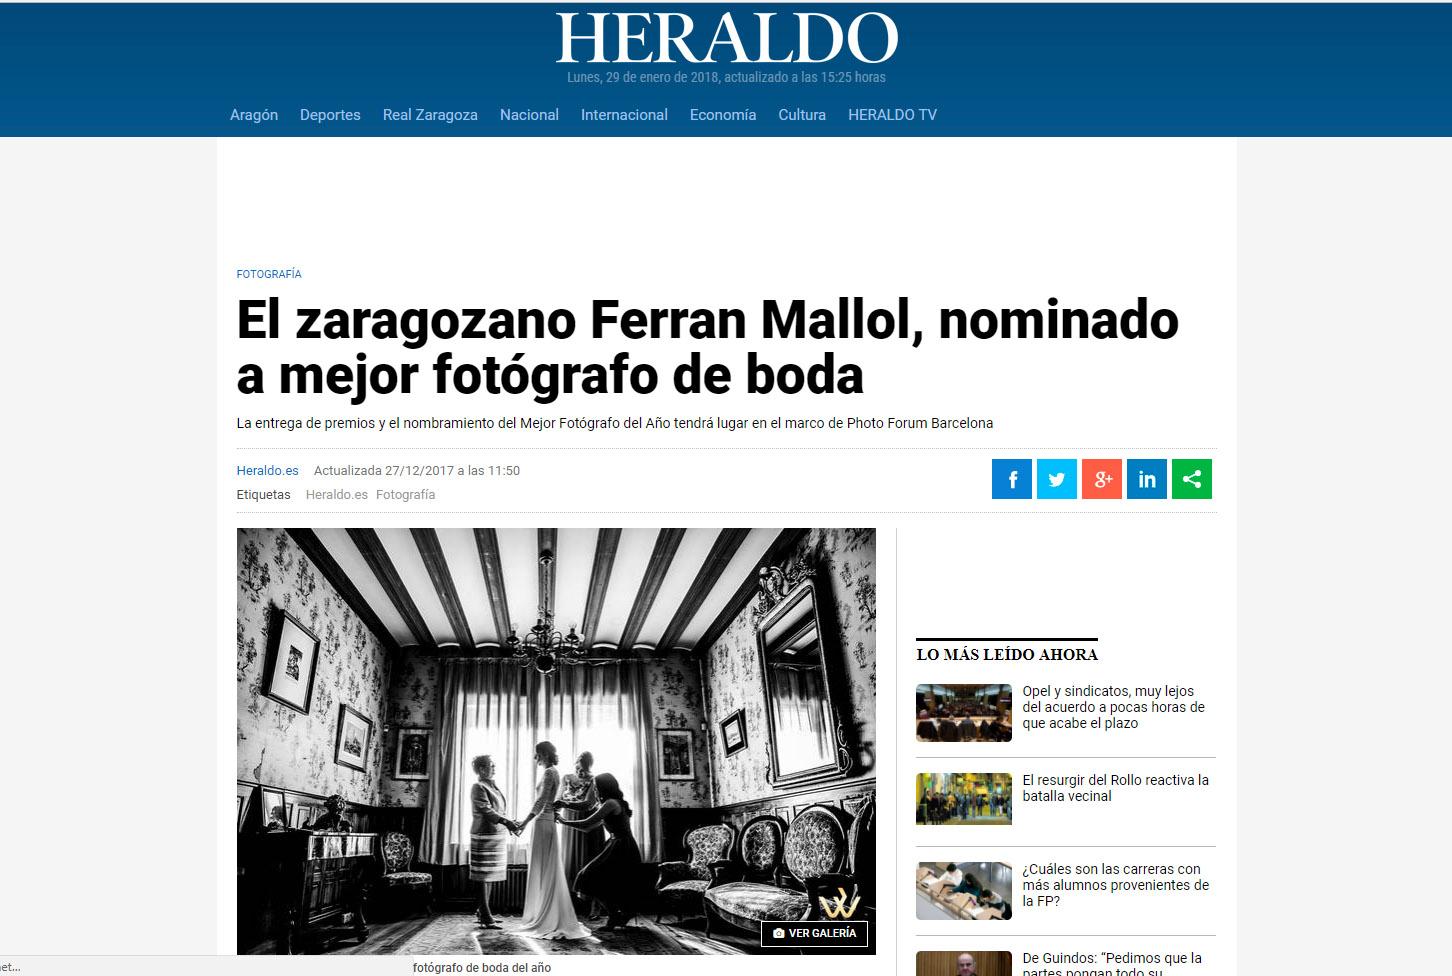 Los medios se hacen eco de nuestra nominación, ferran mallol, classphoto, fotografía de boda en Zaragoza, heraldo